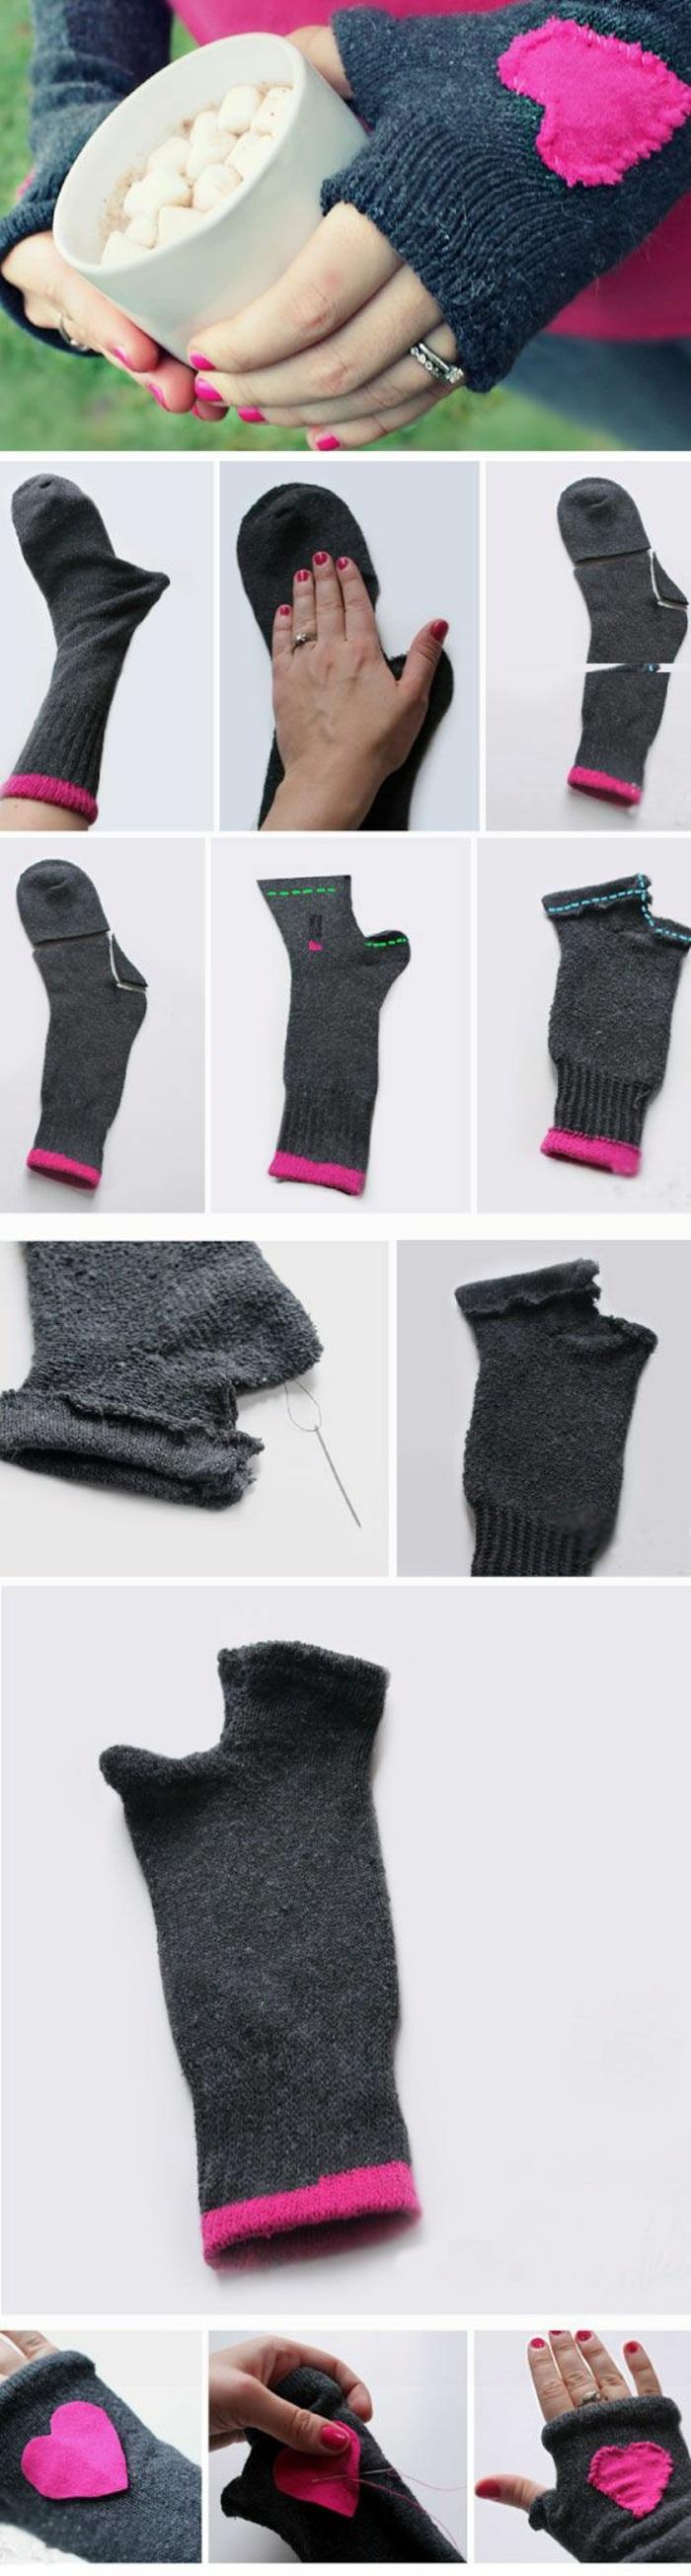 comment faire des gants hiver, activité manuelle hiver, tutoriel fabrication accessoires mode hiver avec chaussettes